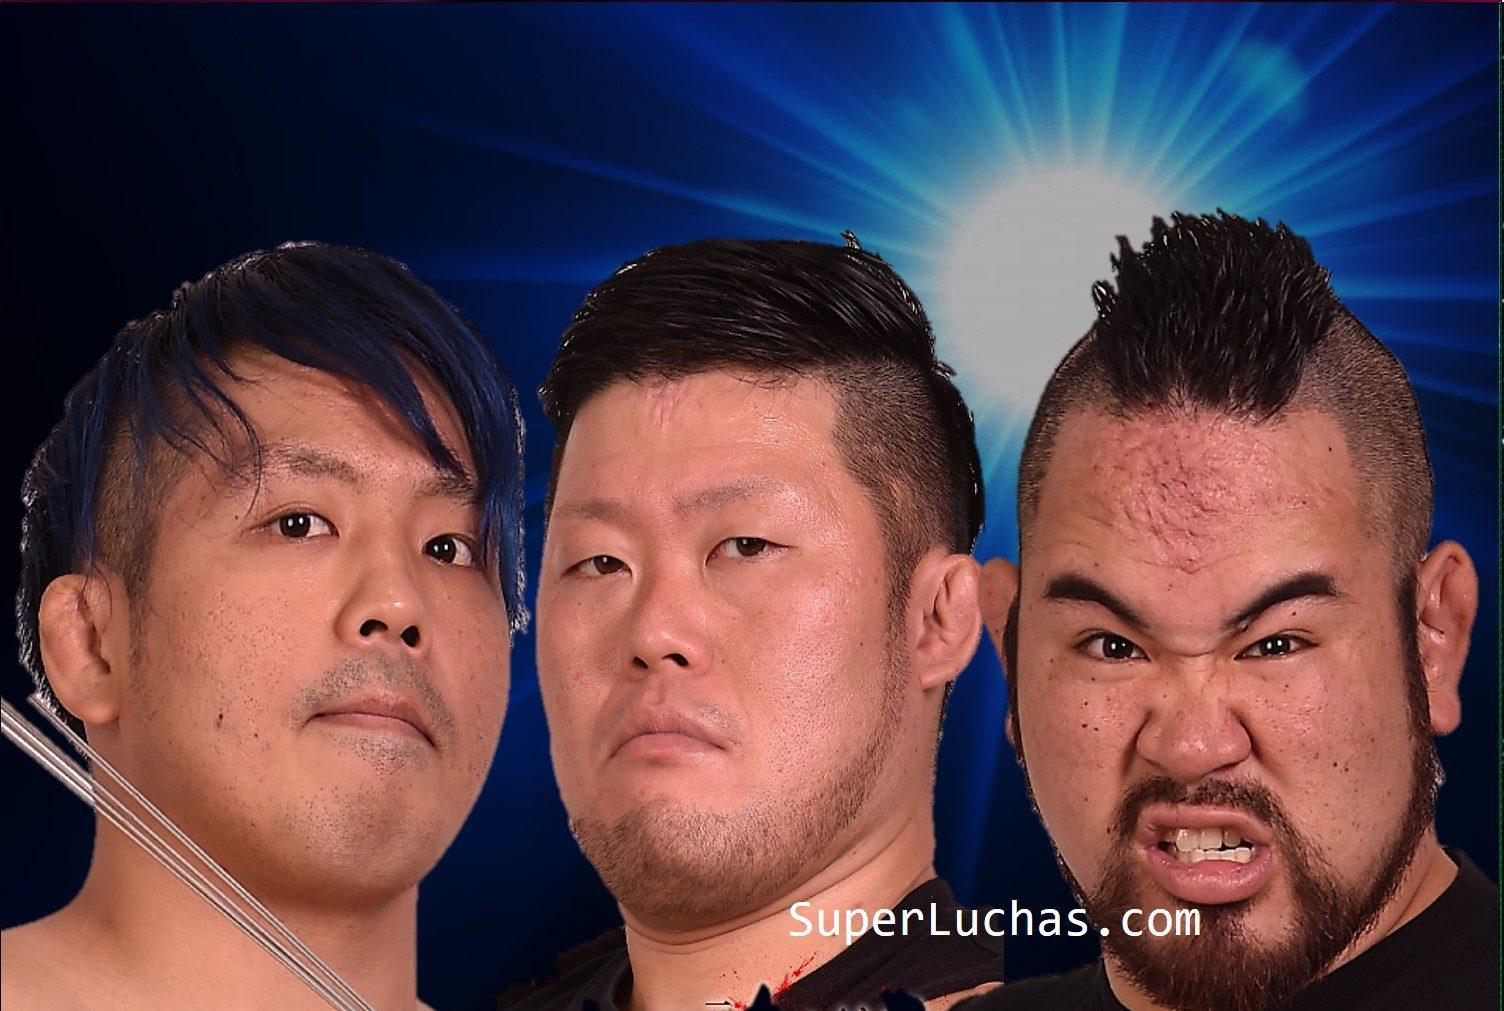 BJW: El Campeonato de tercias de Yokohama se expuso 3 veces 15